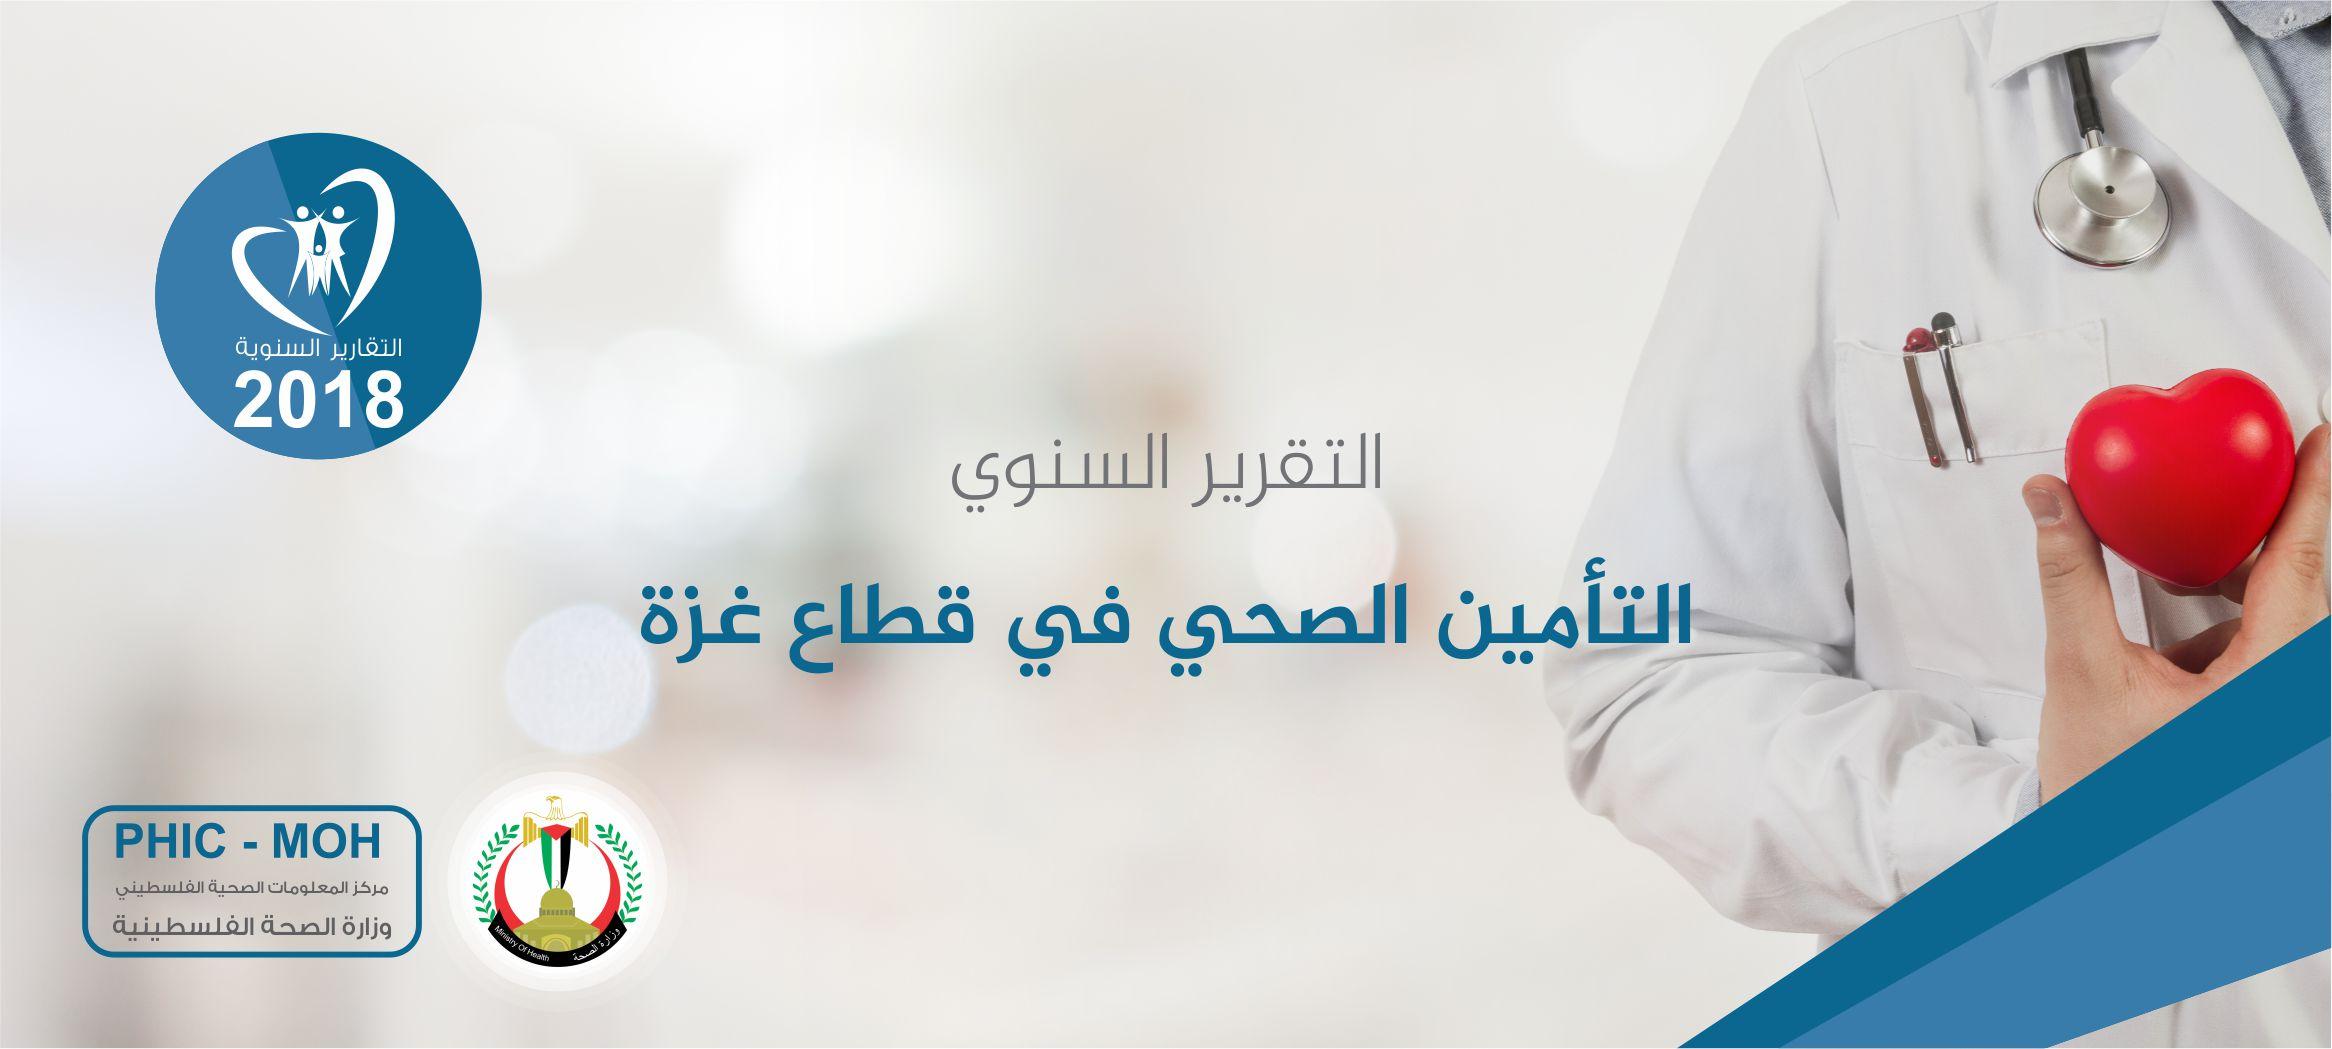 التقرير السنوي للقوى العاملة للعام 2018 مركز المعلومات الصحية – غزة